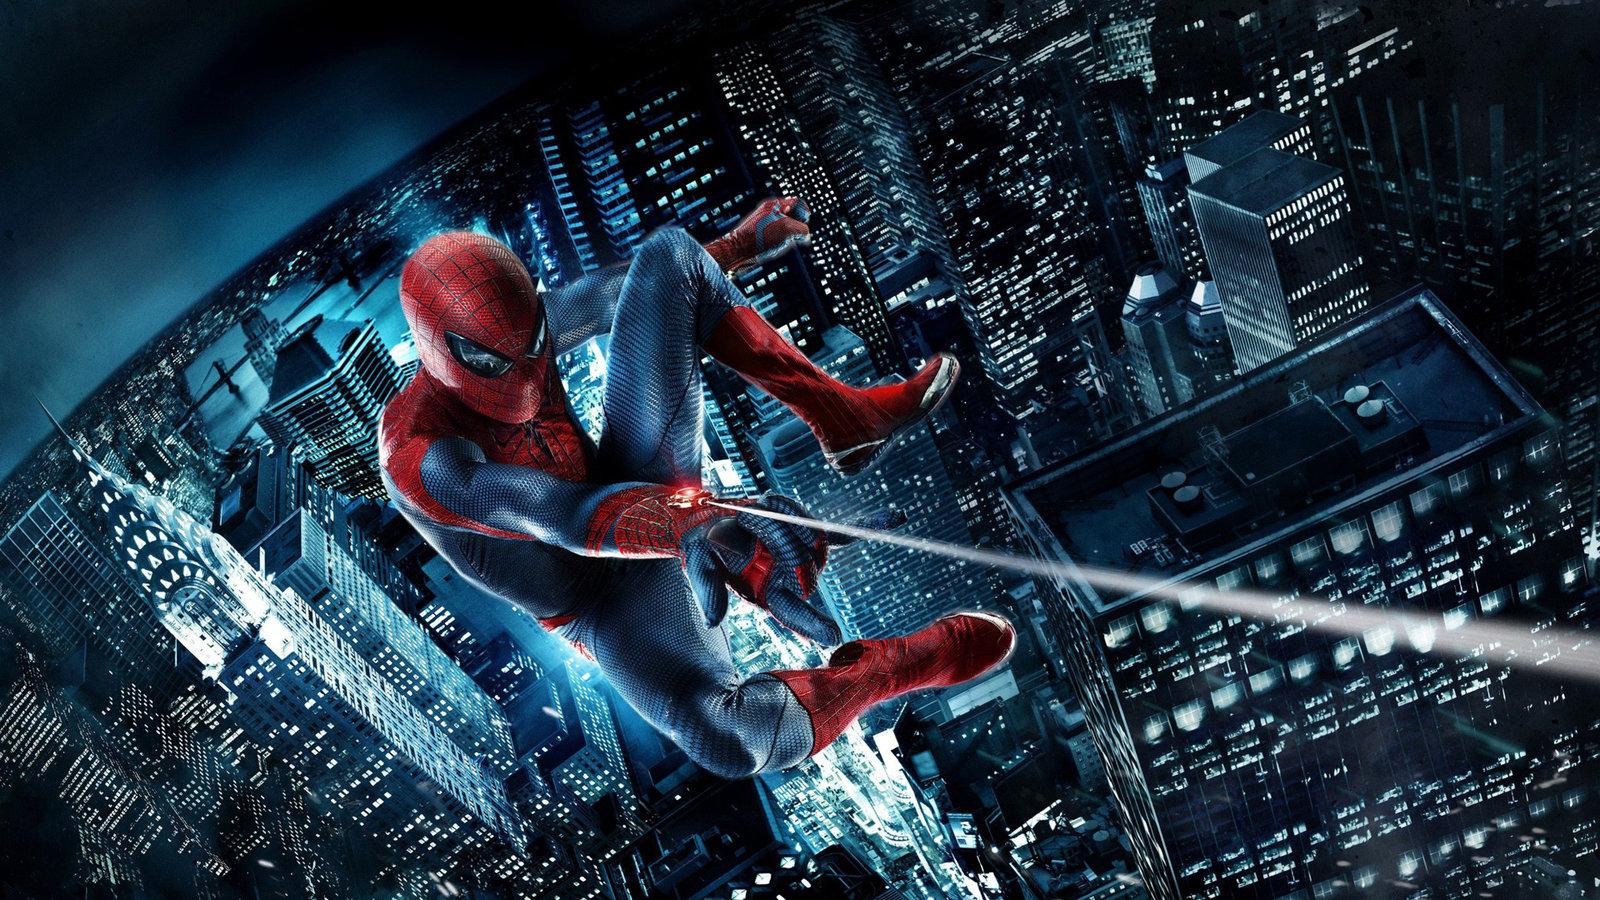 Spider-Man-Image-1.jpg